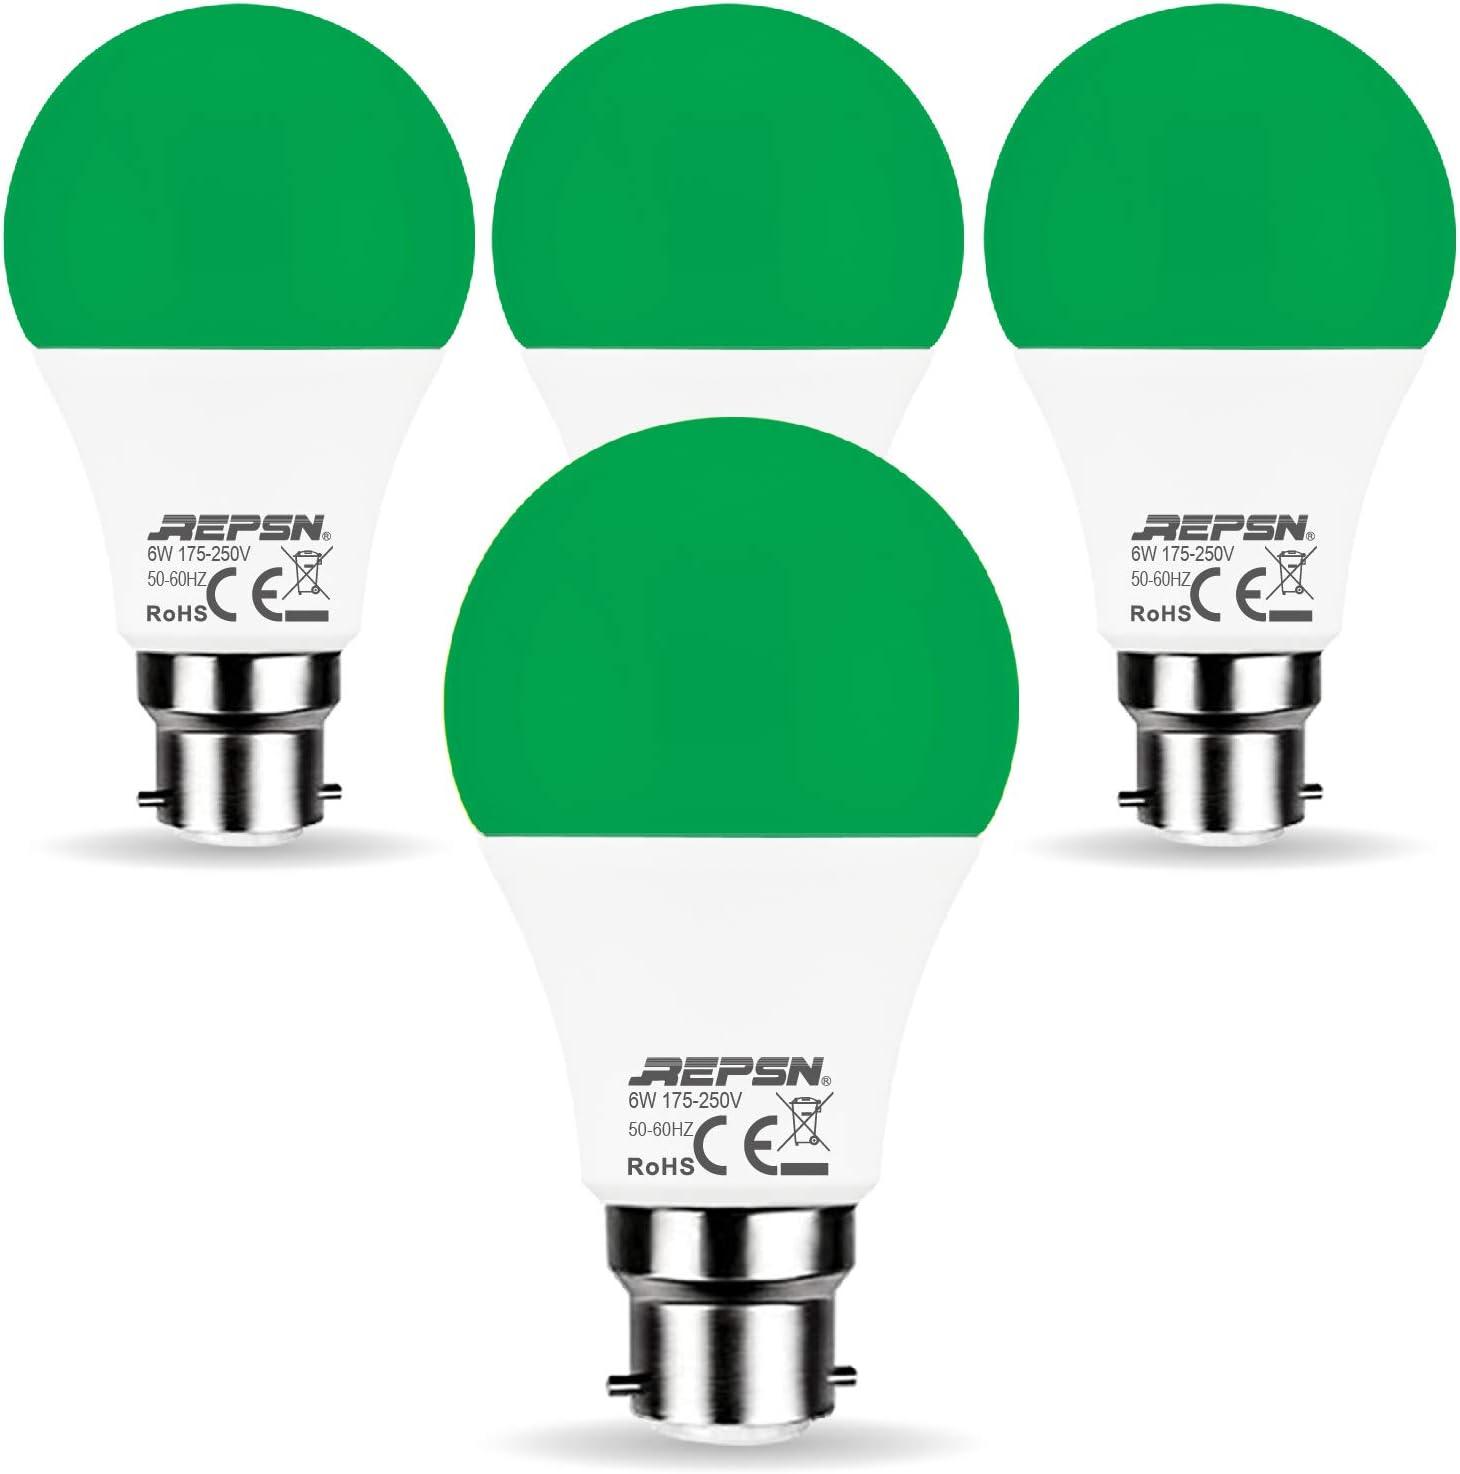 REPSN® 4 Pack LED B22 6W Foco de luz Decorativa A60 Para Fiestas de Colores Foco de Luz LED Para Camping,Durabel luz Decorativa Bub Para Jardín ,Camping,Fiesta,Armario,Barbacoa,Verde: Amazon.es: Iluminación